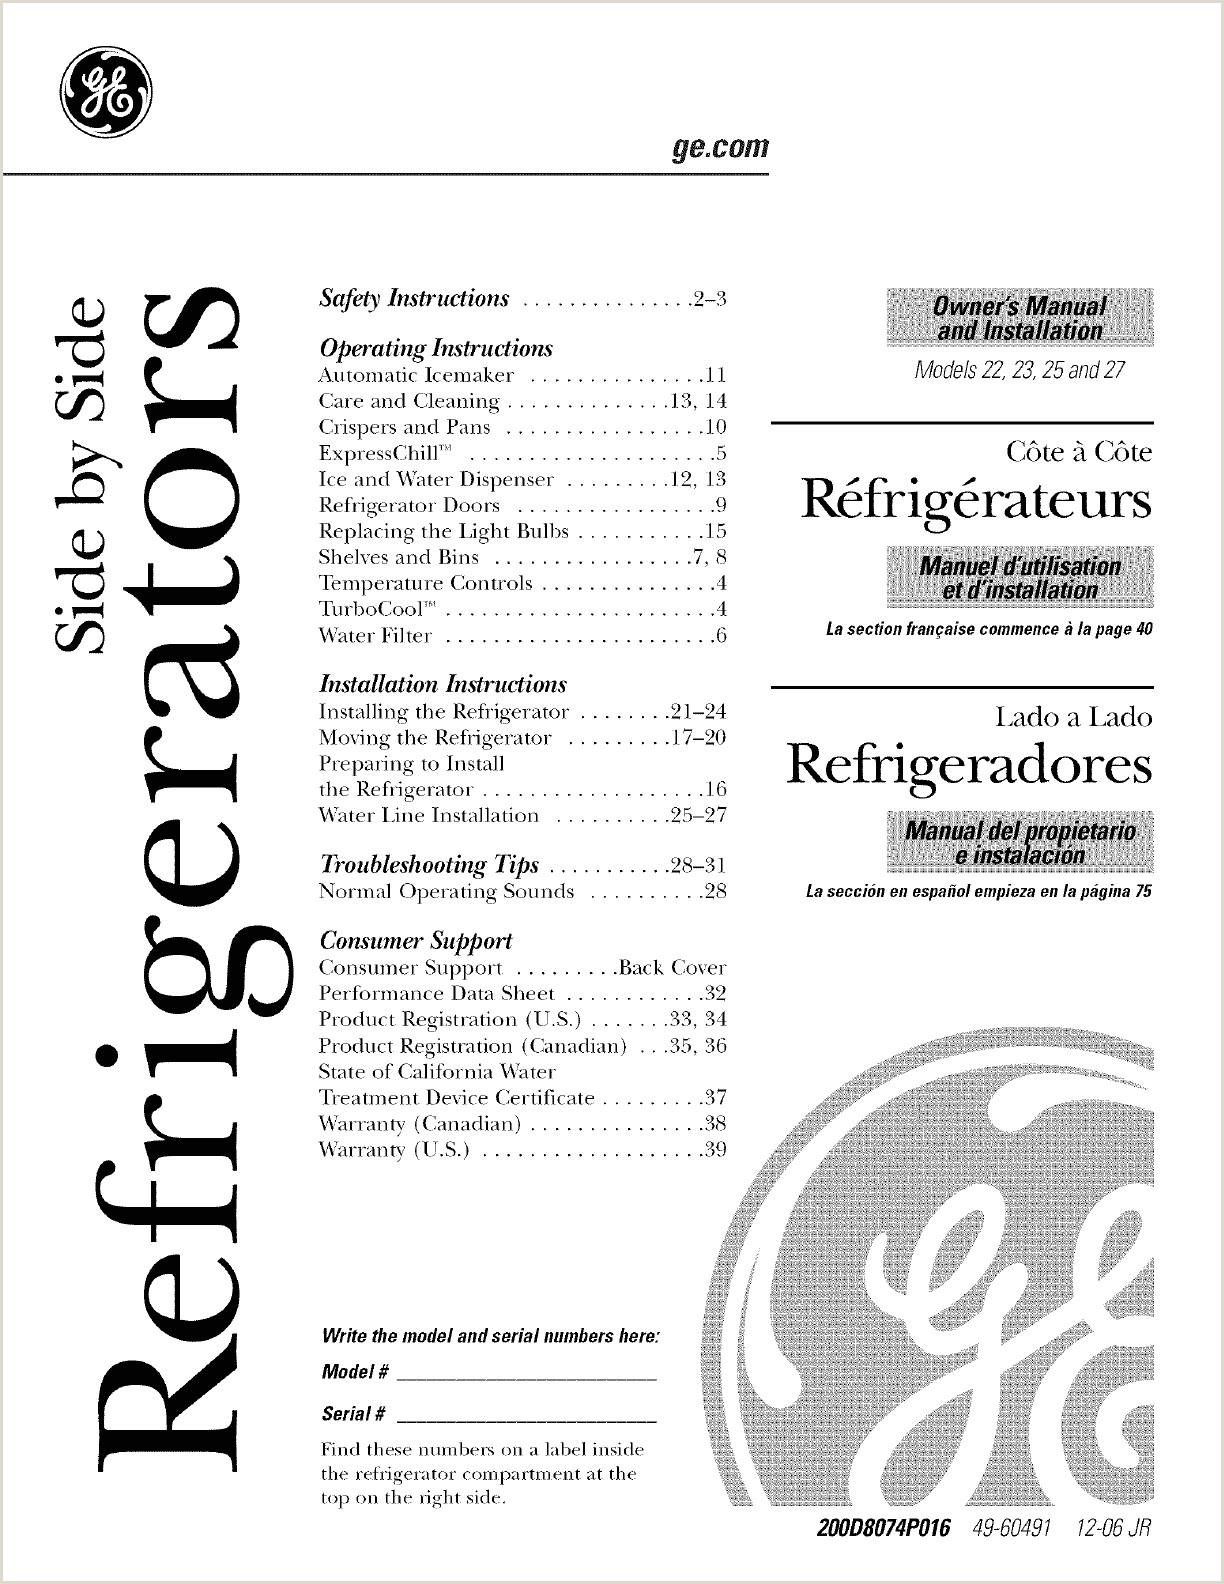 Como Hacer Una Hoja De Vida Con normas Apa Ge Cscp5ugxafss User Manual Refrigerator X Series Manuals